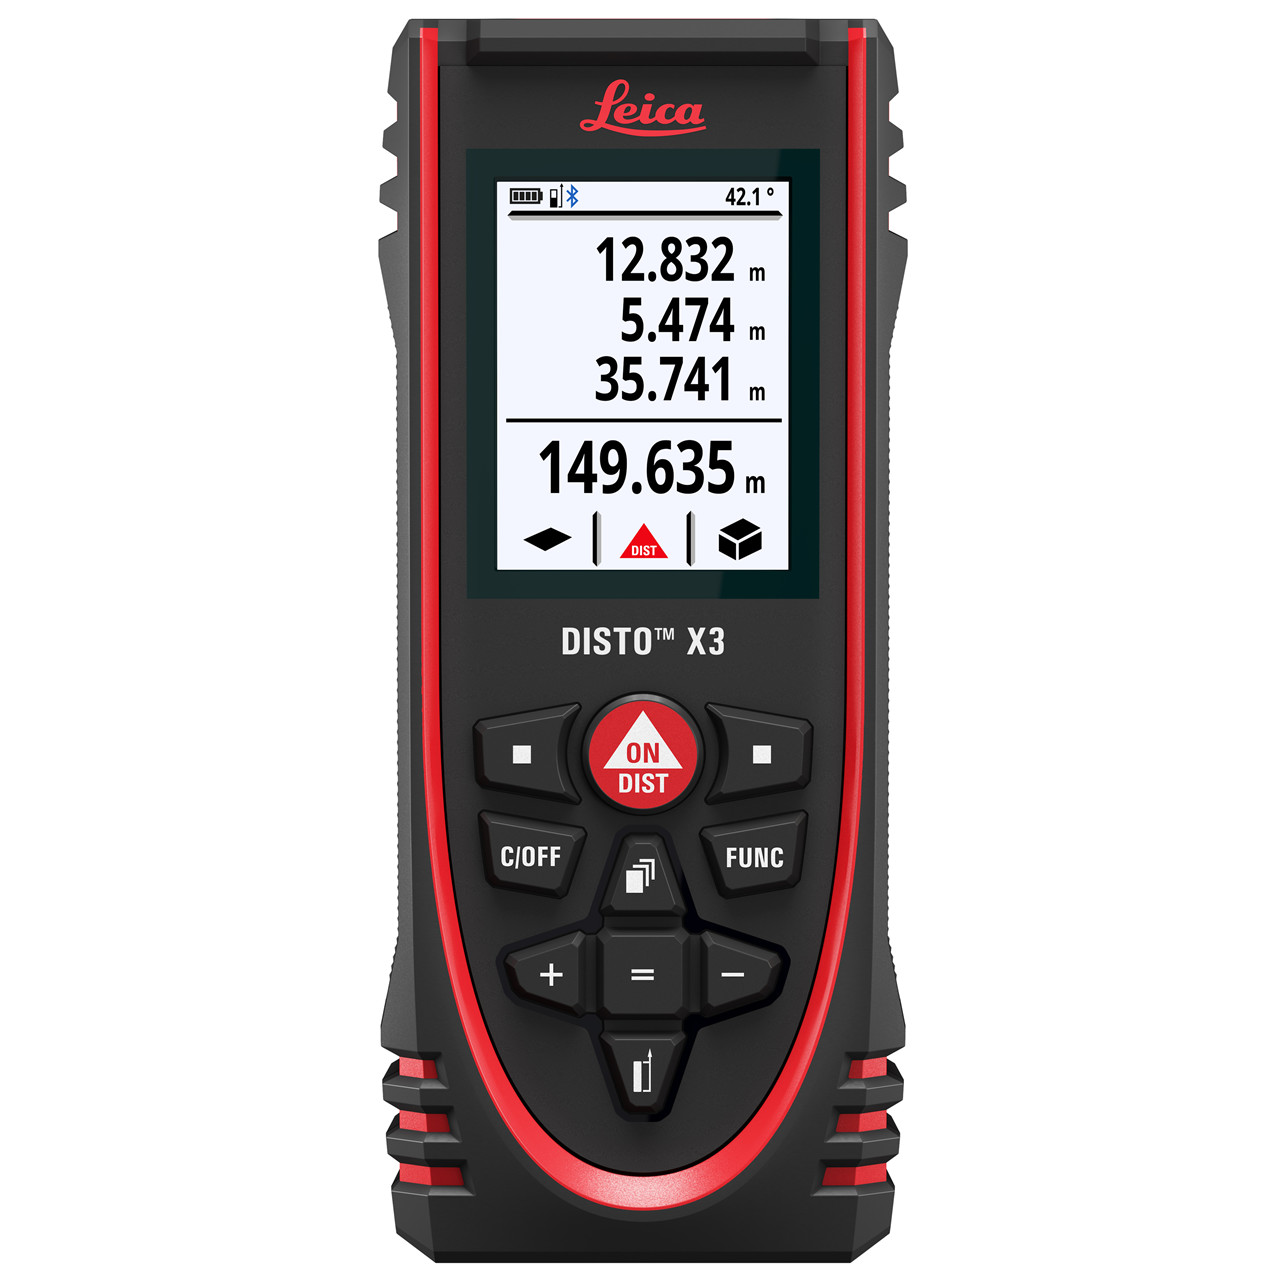 Leica laserafstandsmåler Disto X3 - Værktøj -> Laser og måleinstrumenter -> Opmåling -> Afstandsmåler|Værktøj -> Laser og måleinstrumenter -> Opmåling|Værktøj -> Laser og måleinstrumenter|Værktøj|Mærker -> Leica -> Leica afstandsmåler|Mærker -> Leica|Mærker ->